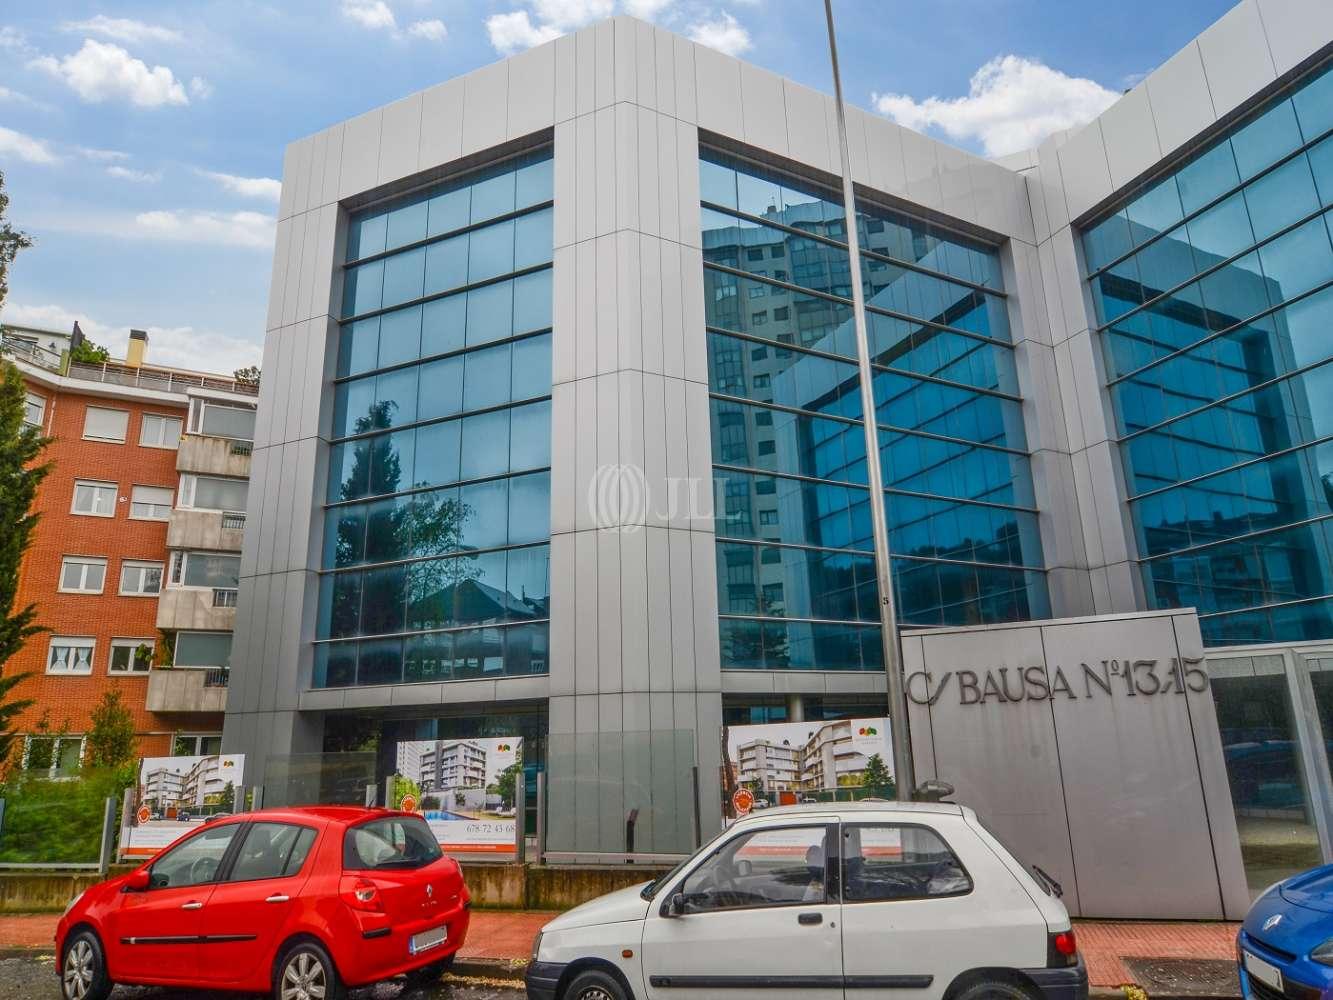 Oficina Madrid, 28033 - BAUSA 13-15 - 15696